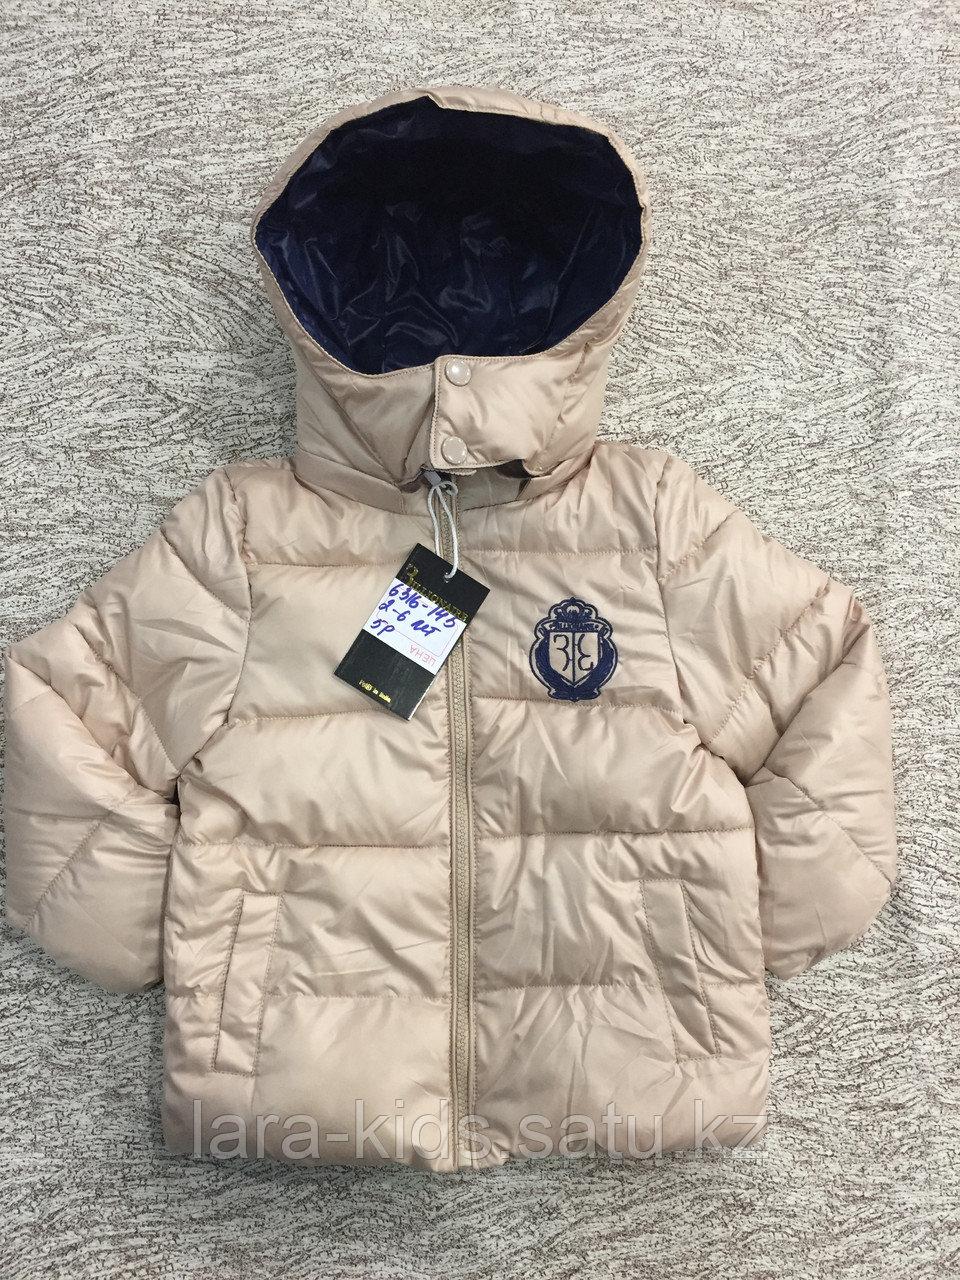 Куртки Billlionaire